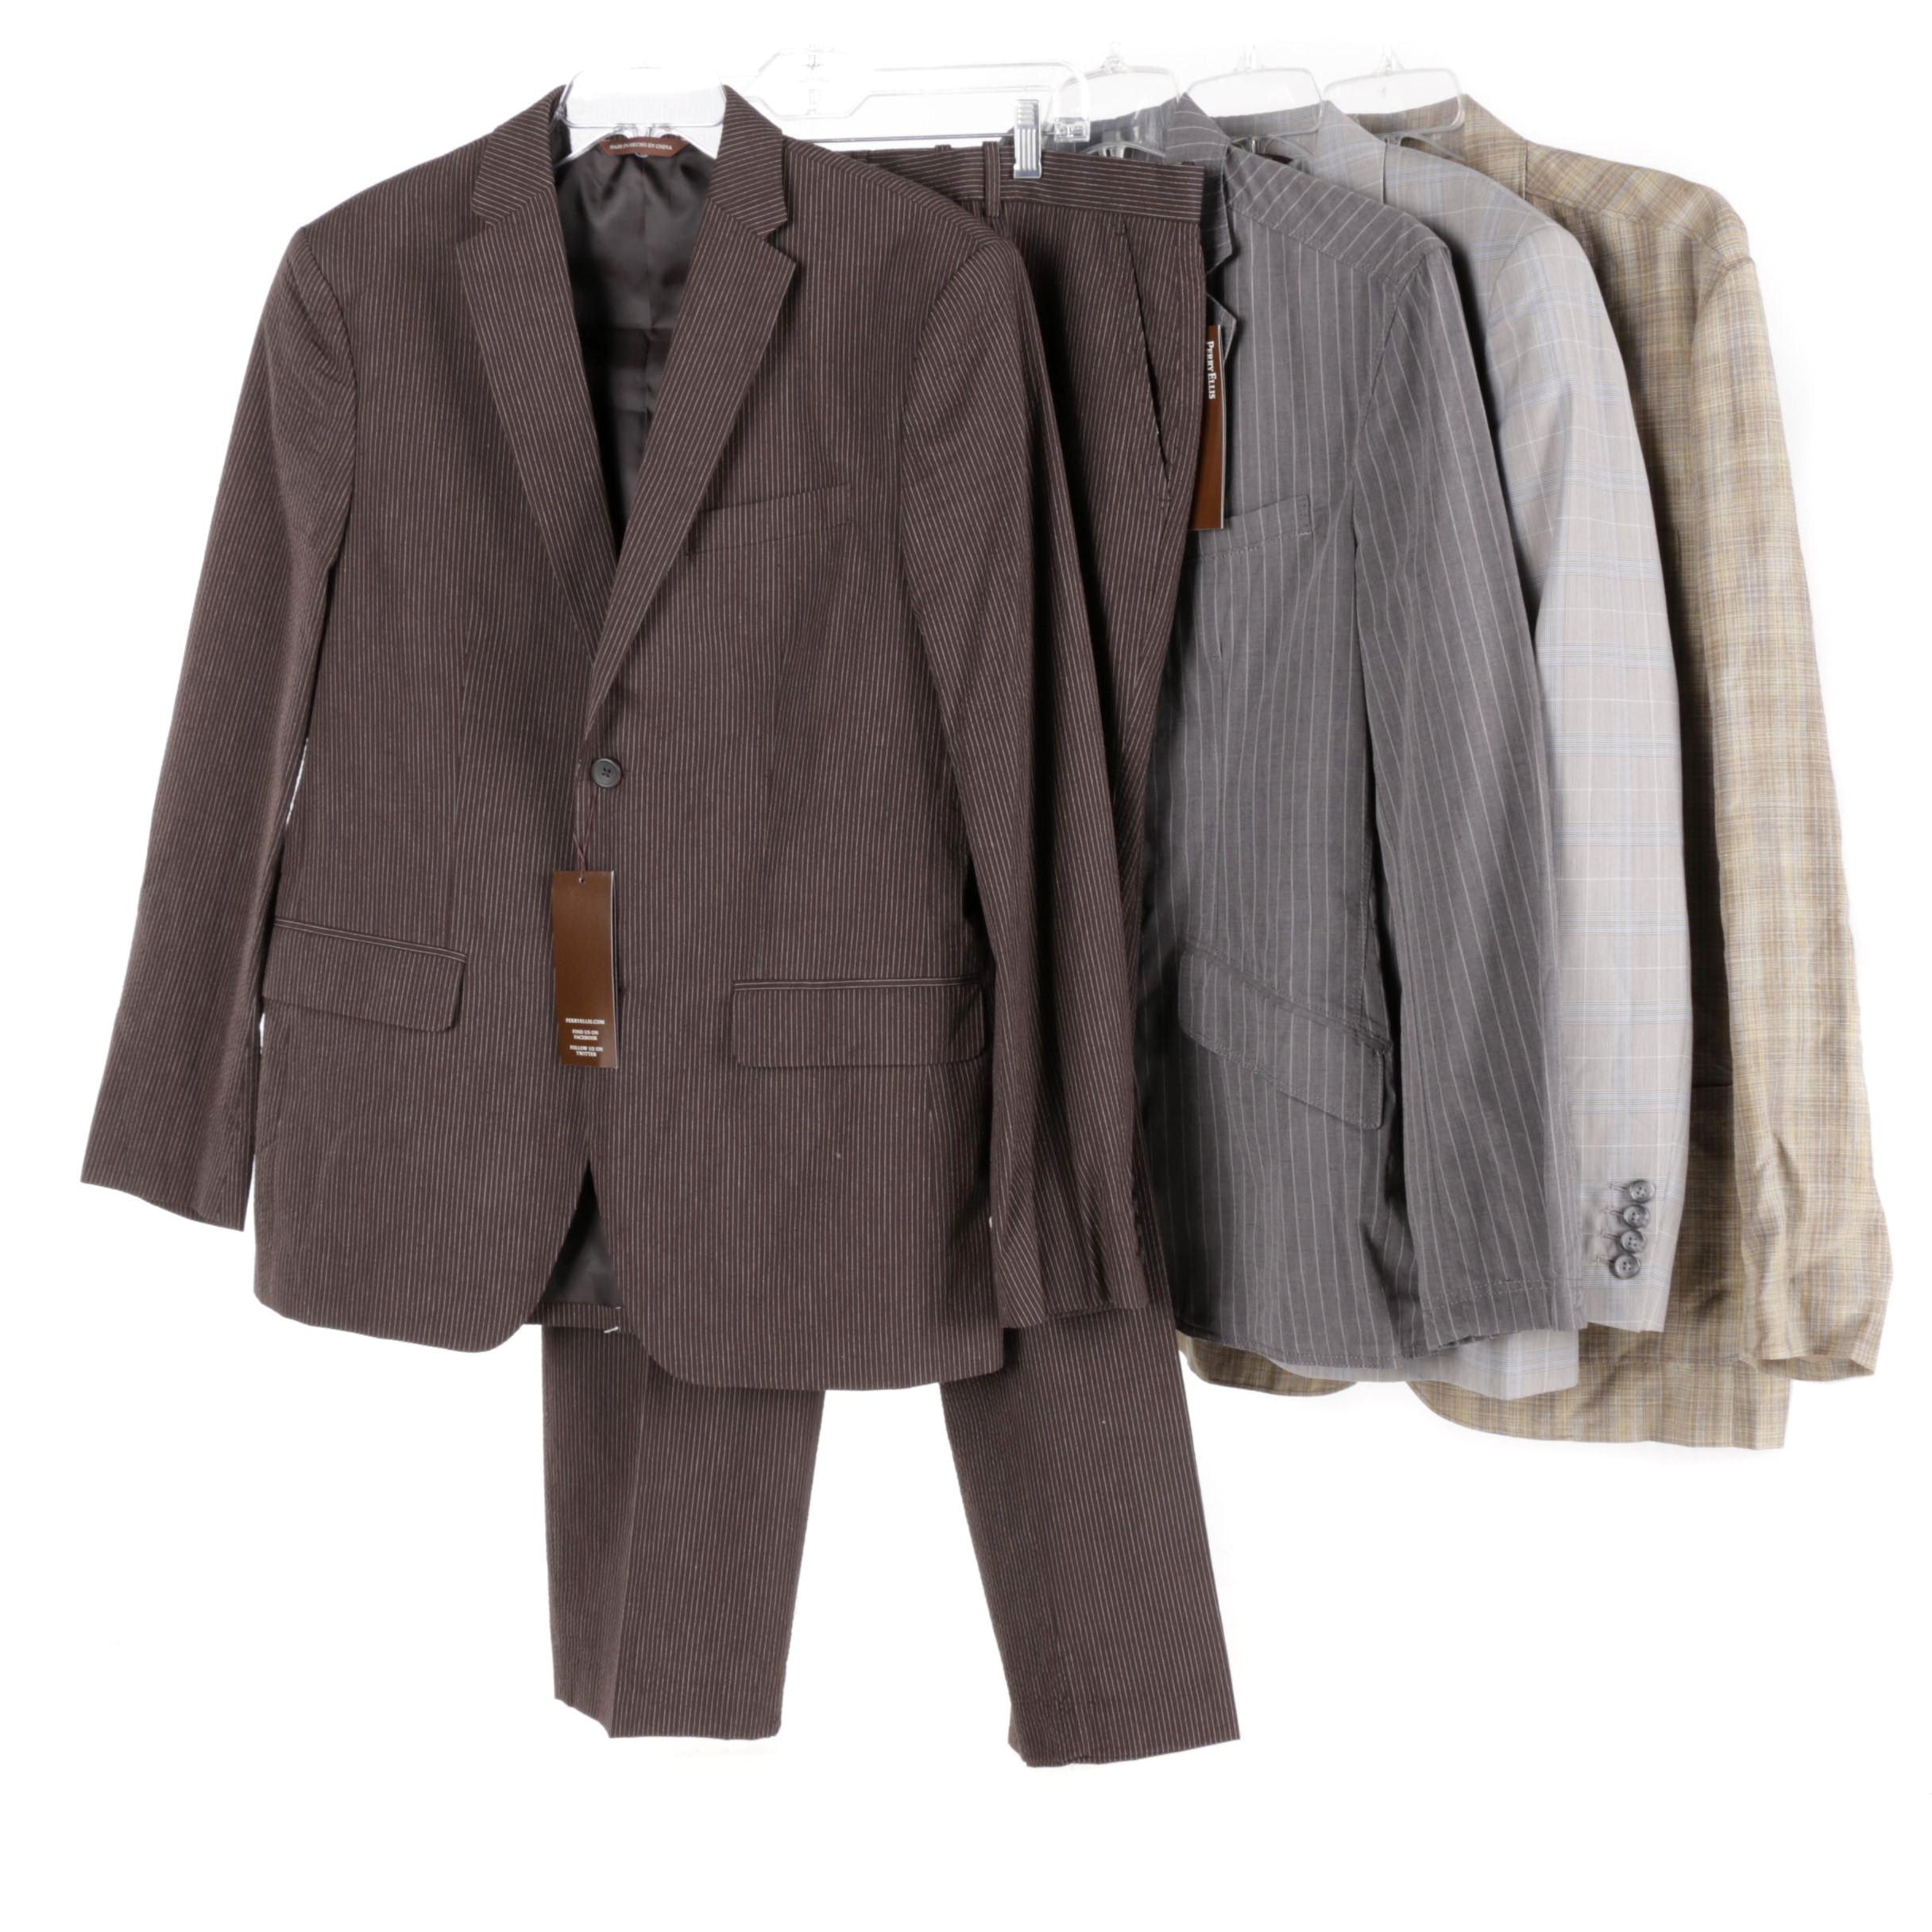 Men's Suit and Suit Jackets